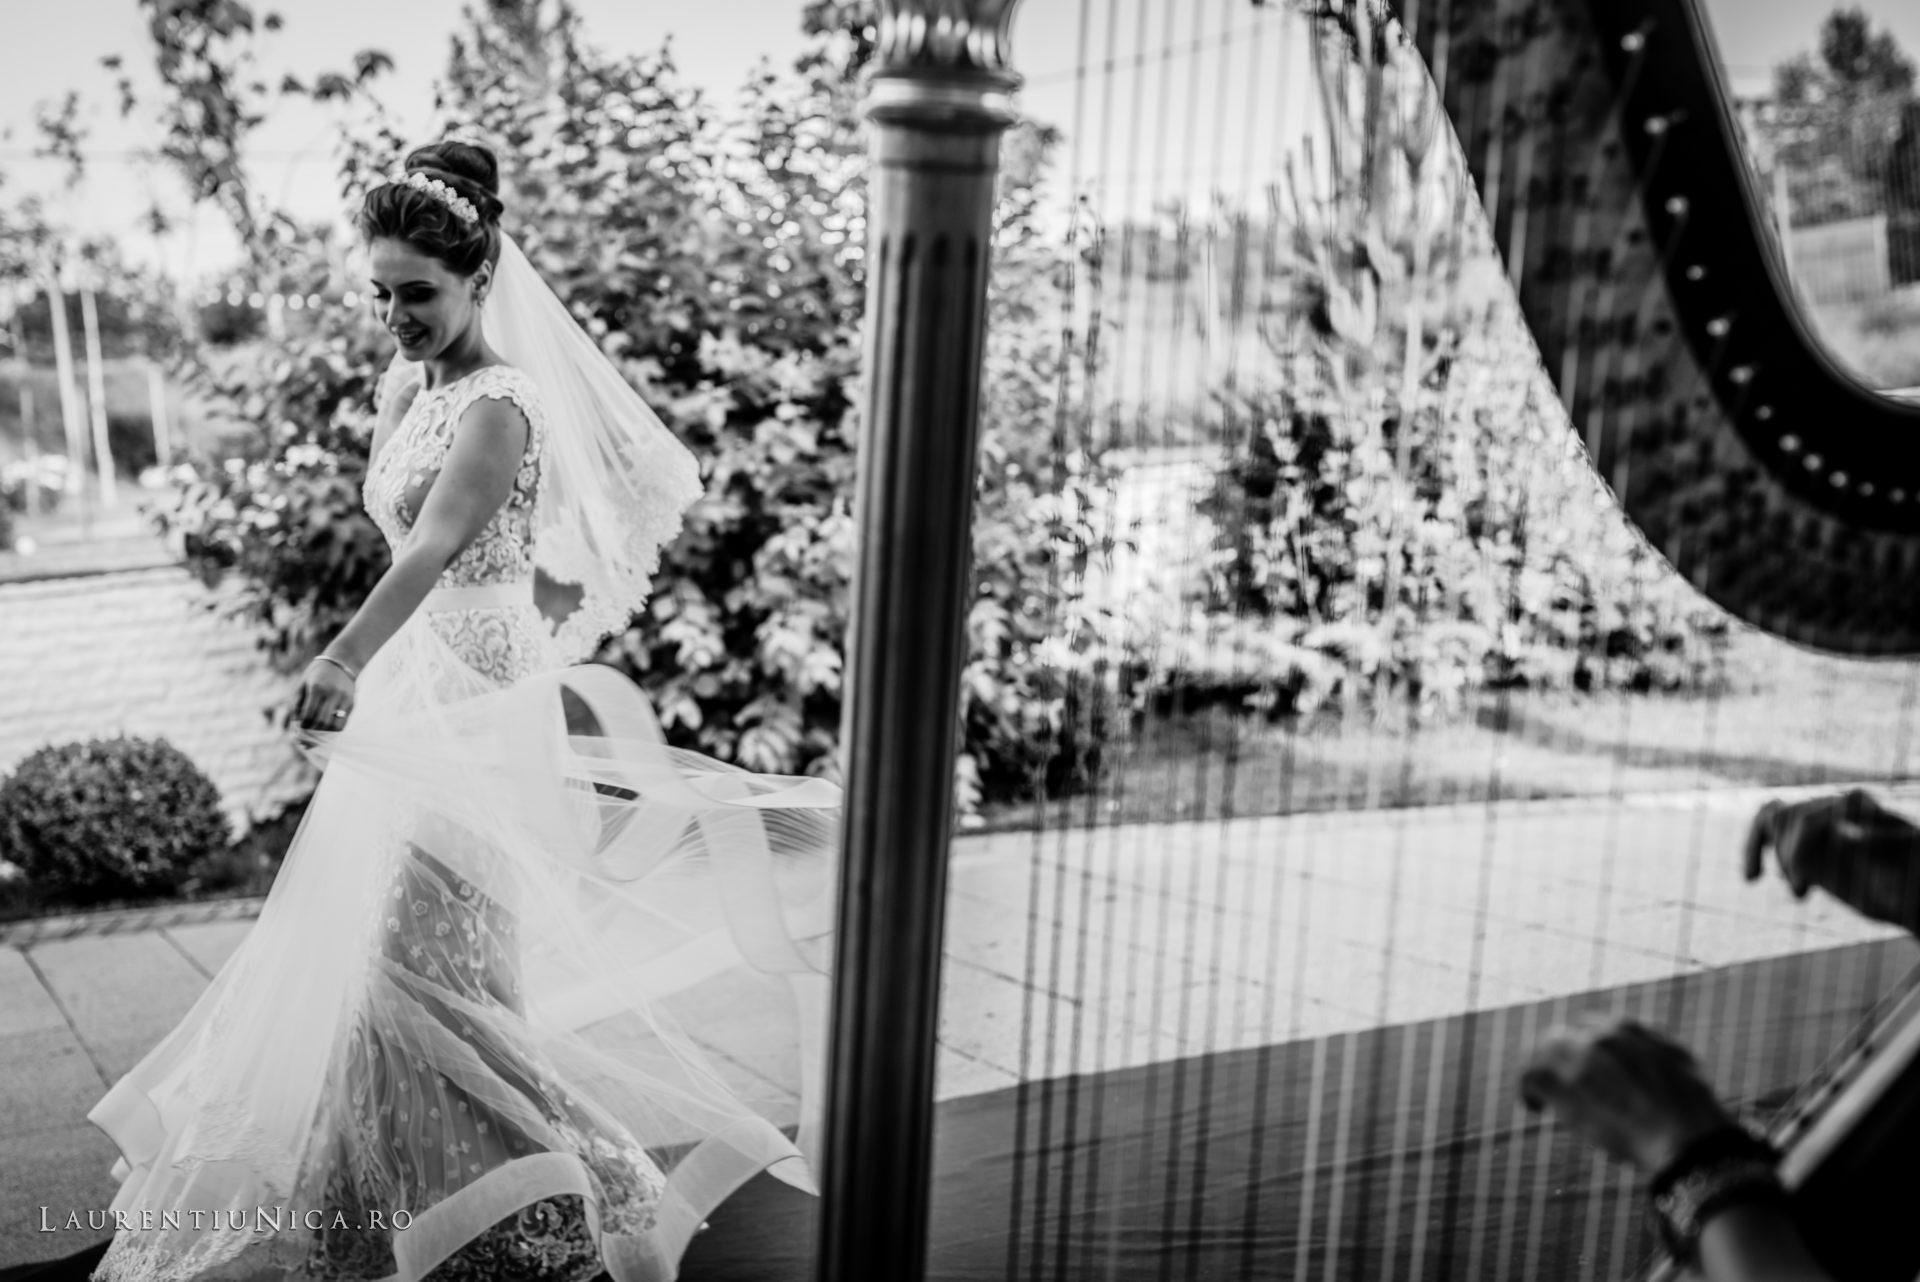 denisa si catalin fotograf nunta laurentiu nica craiova 65 - Denisa si Catalin | Fotografii nunta | Craiova